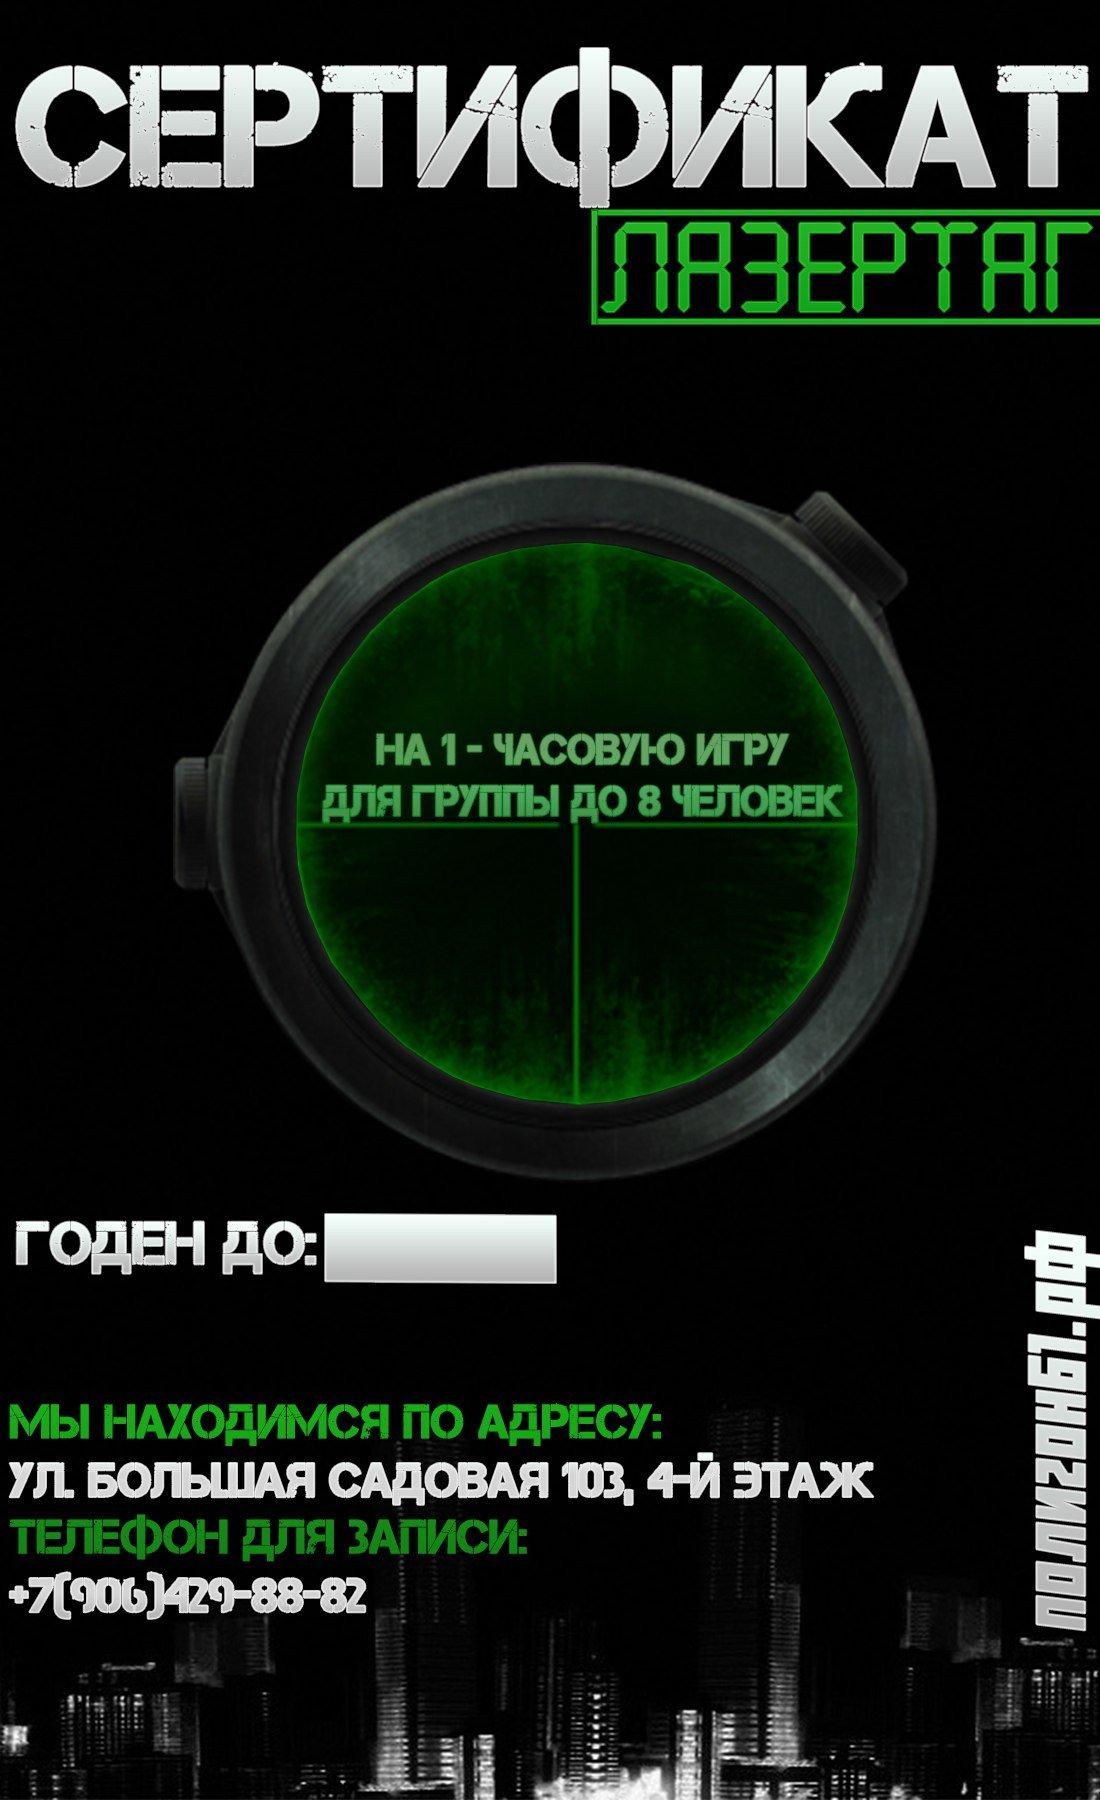 Что подарить кроме денег: предложения в Ростове , фото-52